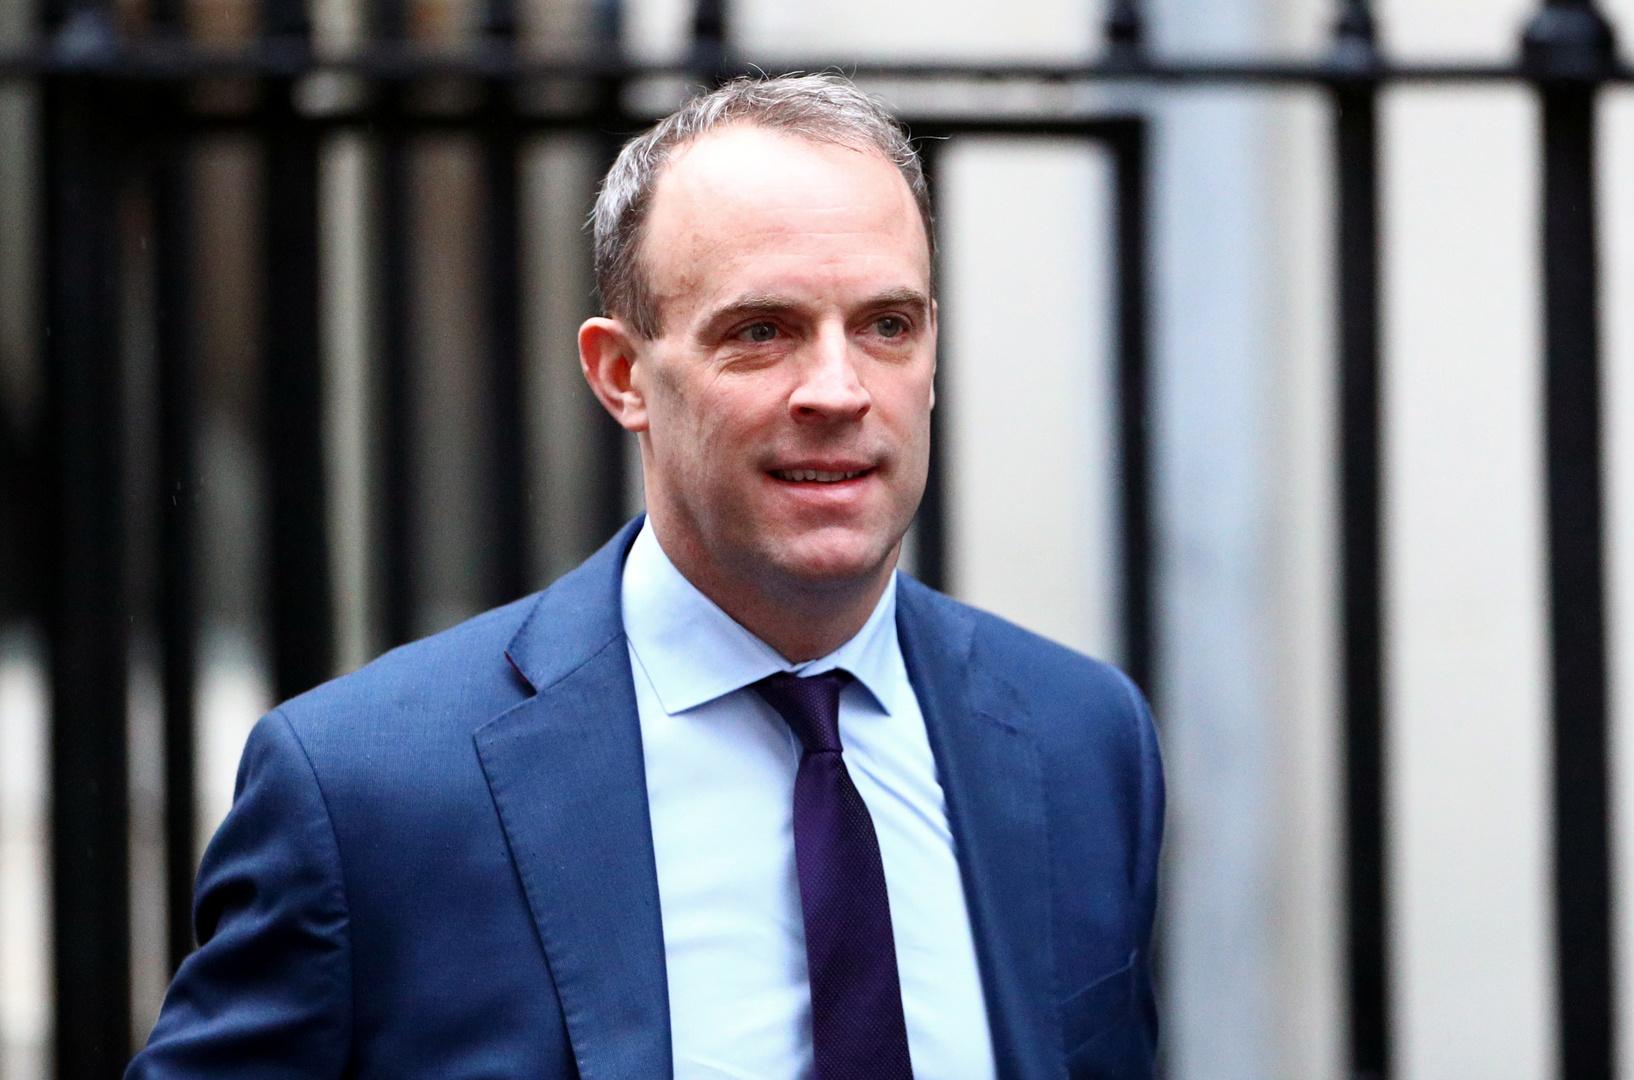 وزير خارجية بريطانيا يعلق على الحكم ضد حاكم دبي وجونسون يتصل بمحمد بن زايد